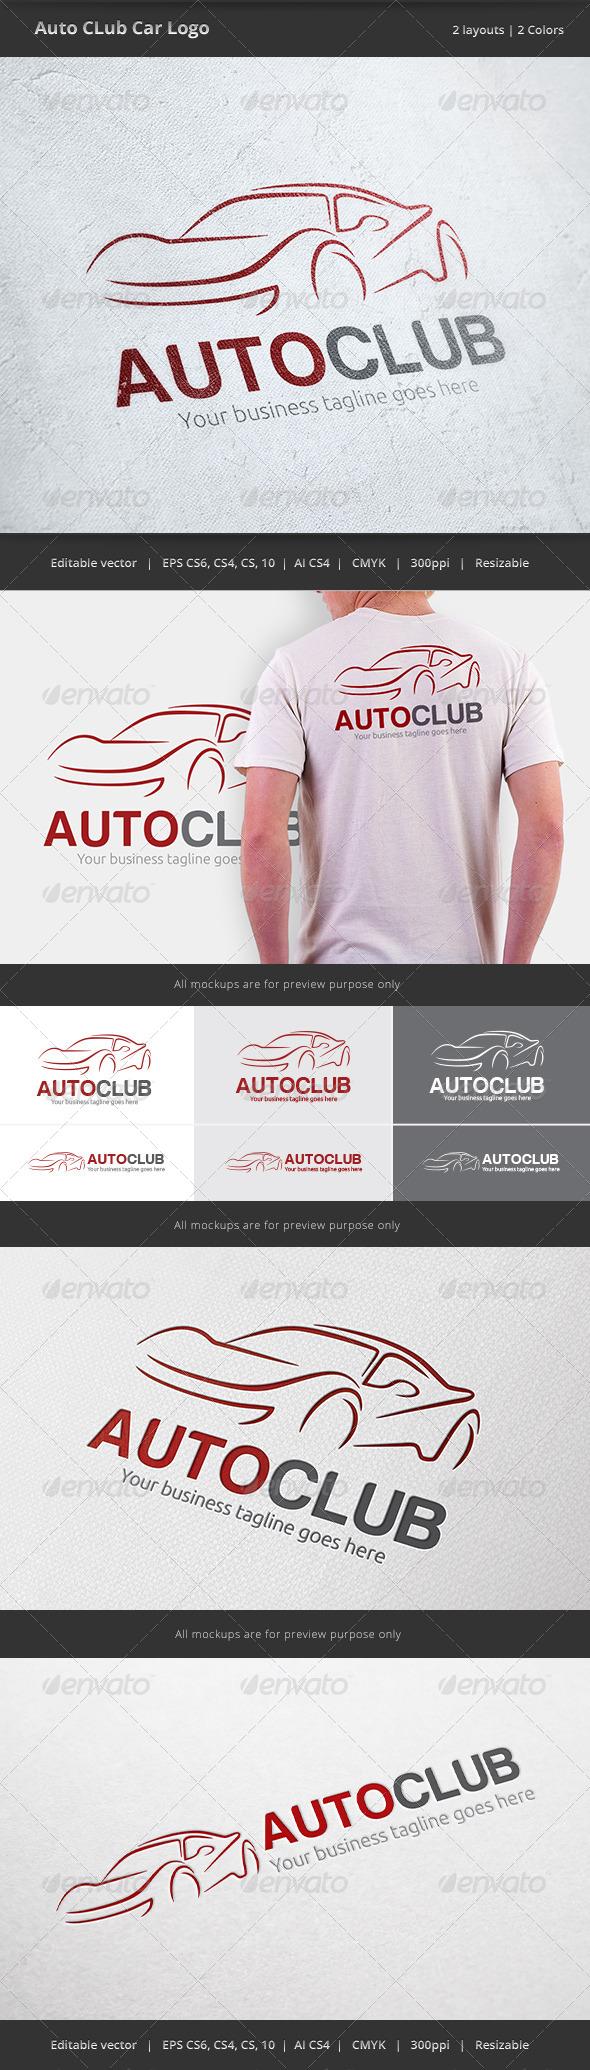 Auto Club Car Logo